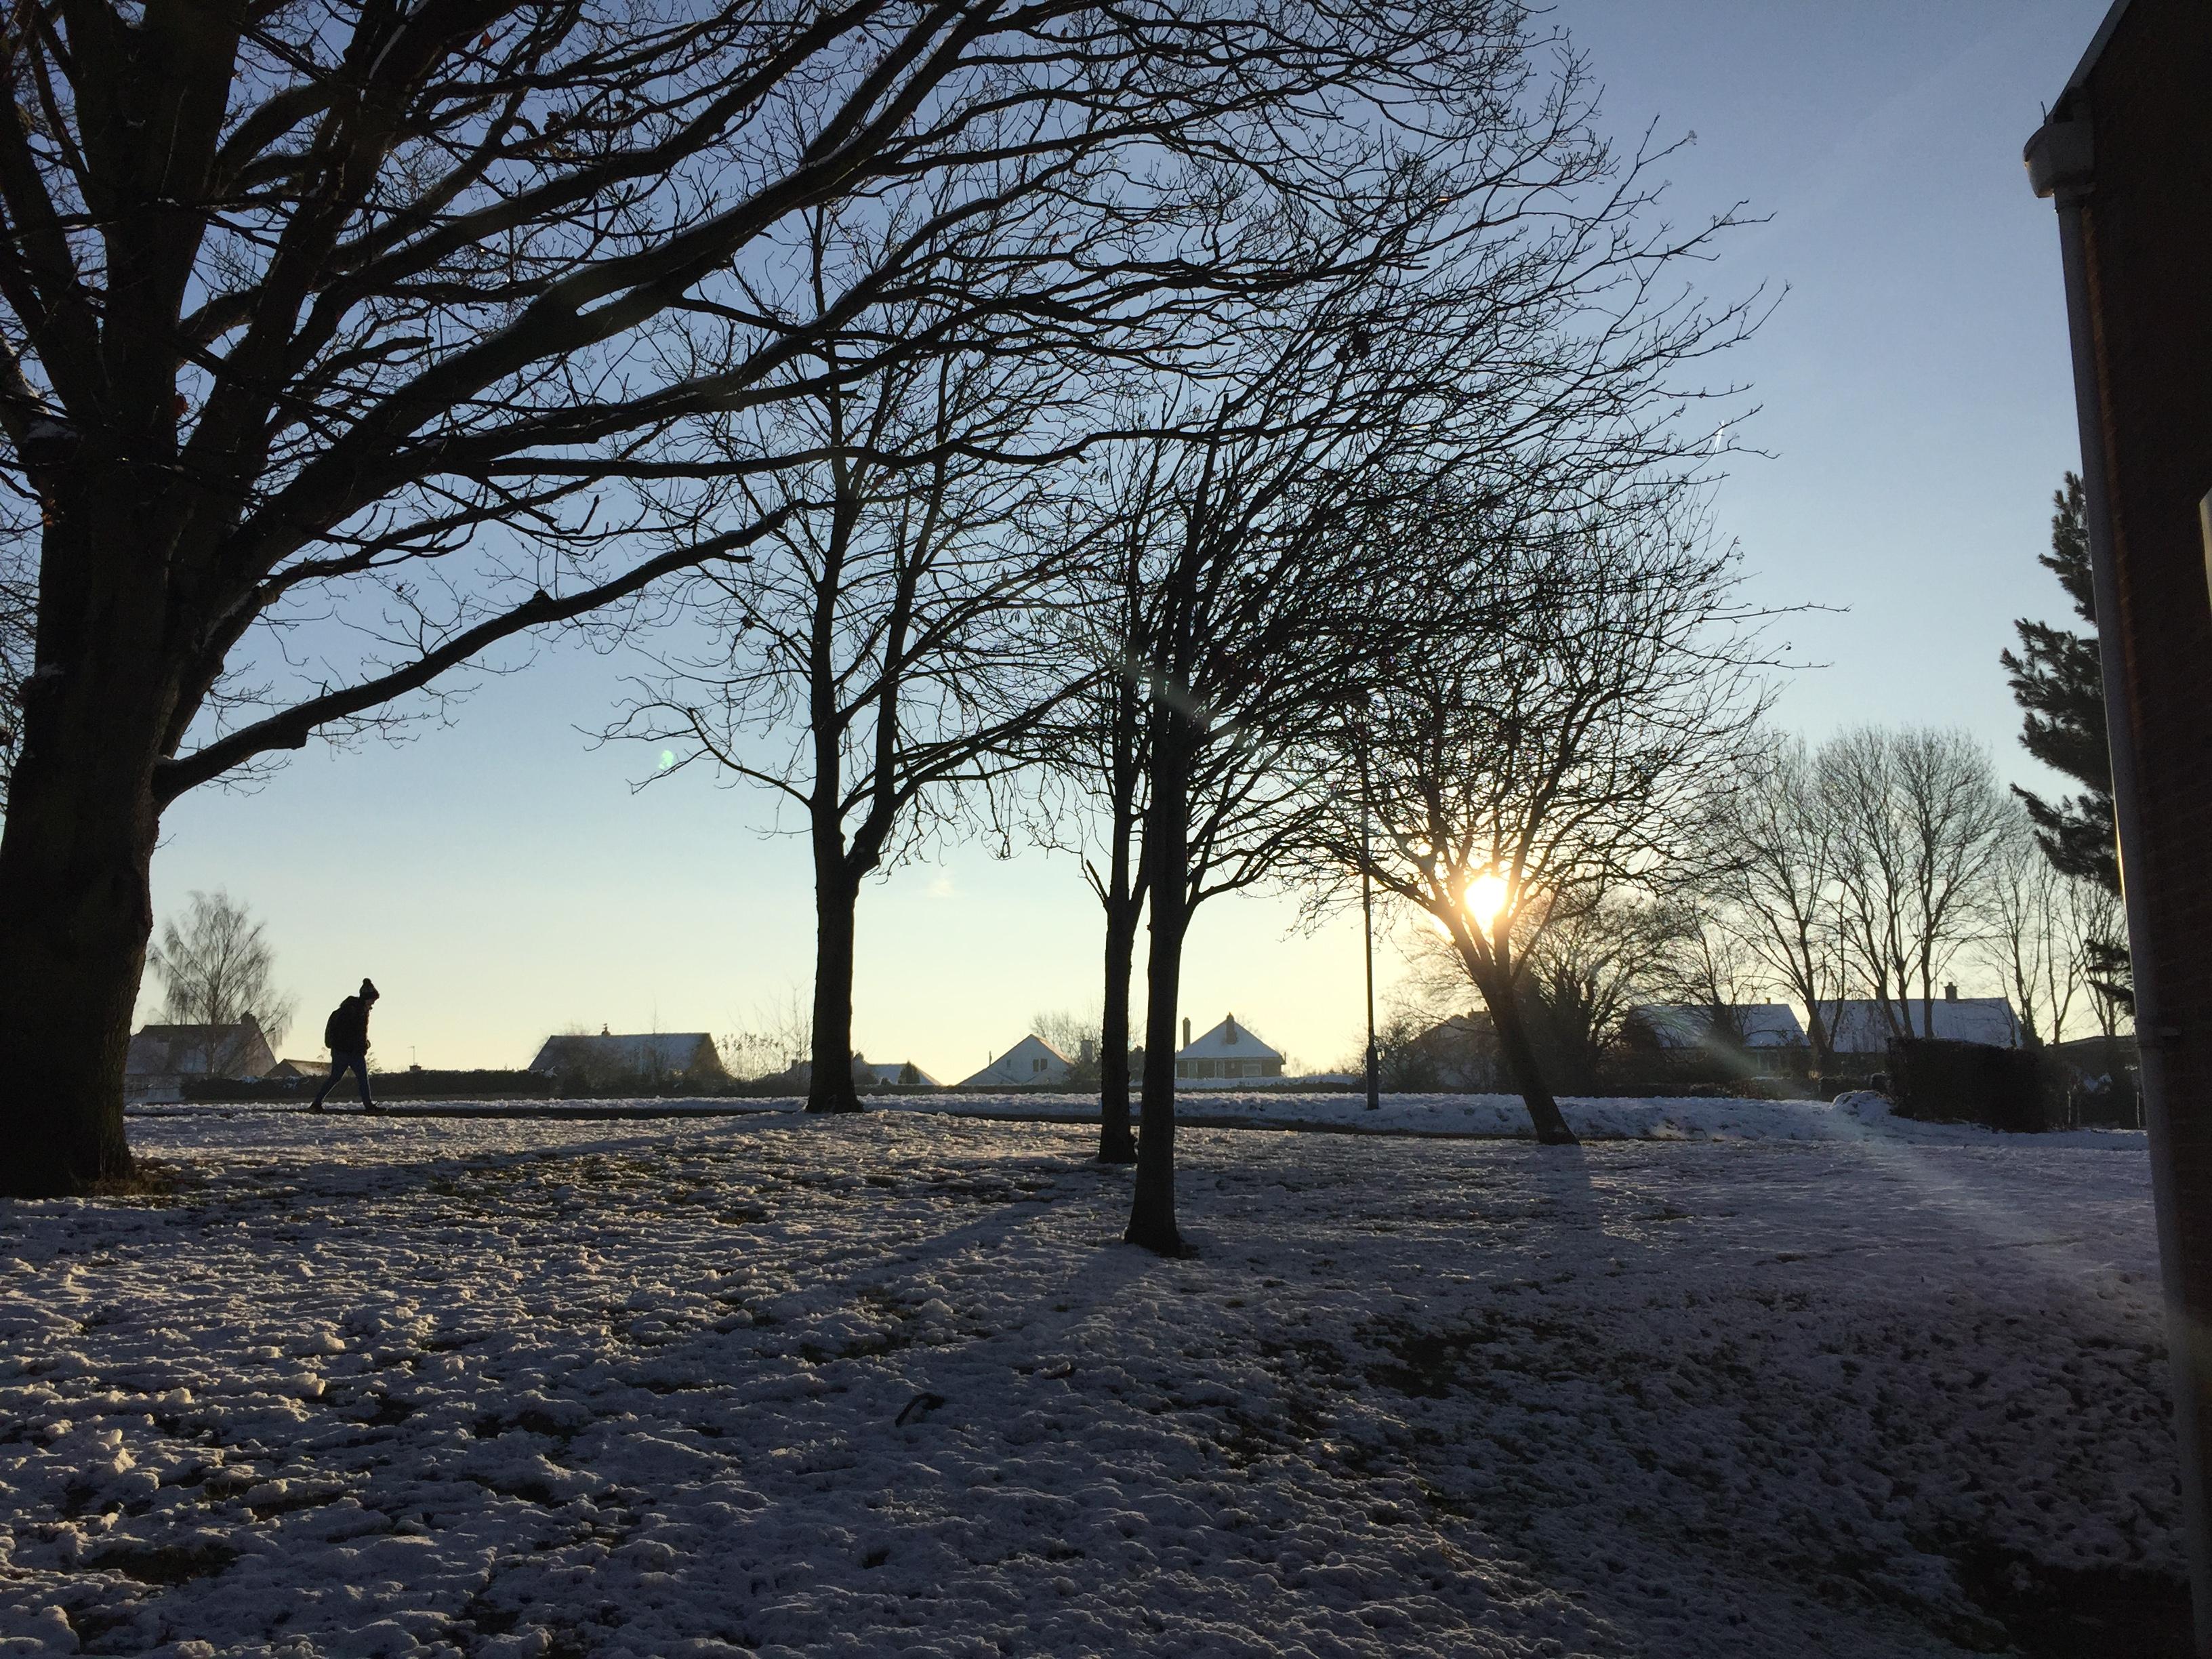 【英國 - 拉夫堡大學 】Photo was shot in winner 2017 in Loughborough University, United Kingdom. The winter in Loughborogh was covered in white. The photo was the view outside of my hall. The snow was sparkling like a million little suns. I saw the beautiful views when waking around the campus or just looking out from my window. I have experienced the beauty of nature of four seasons within the campus. Loughborough's beautiful campus was comfy and releasing which made me be in a good mood for learning every day.                                                             (UA4A 黃鈺雯)